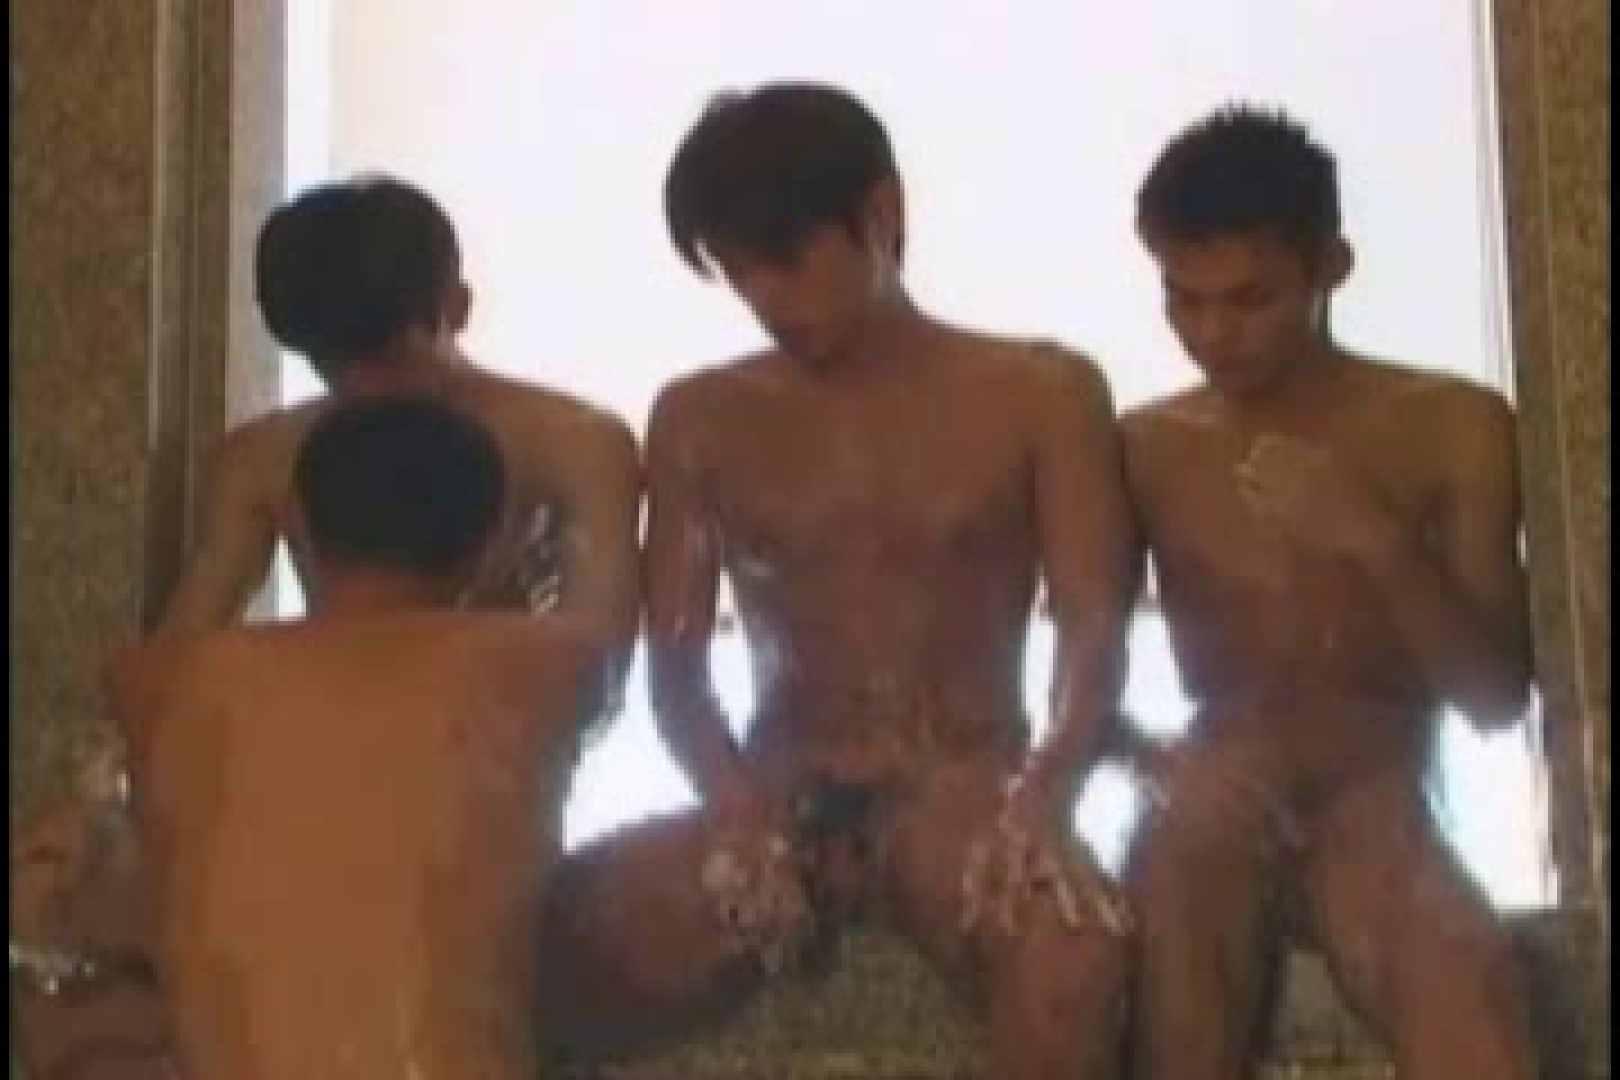 men's限定マル秘乱交サークル part.01 エロすぎる映像 ゲイ流出動画キャプチャ 95画像 35